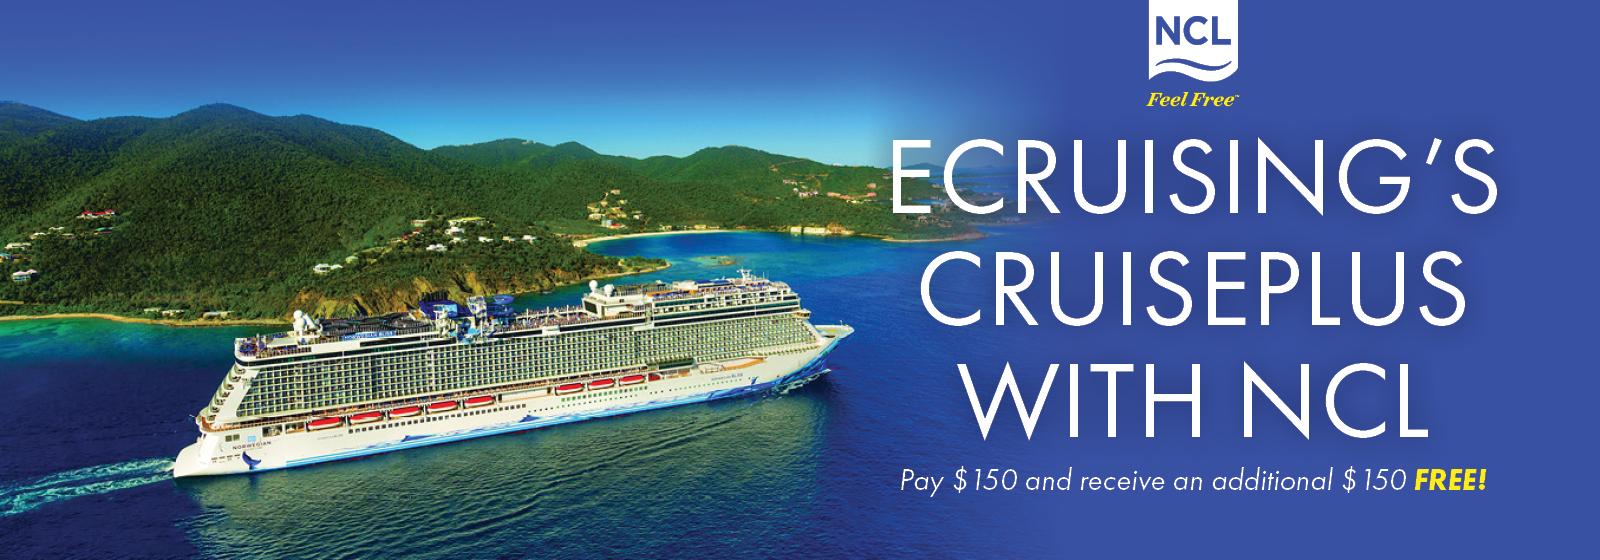 Norwegian Cruise Line - ecruising's CruisePlus